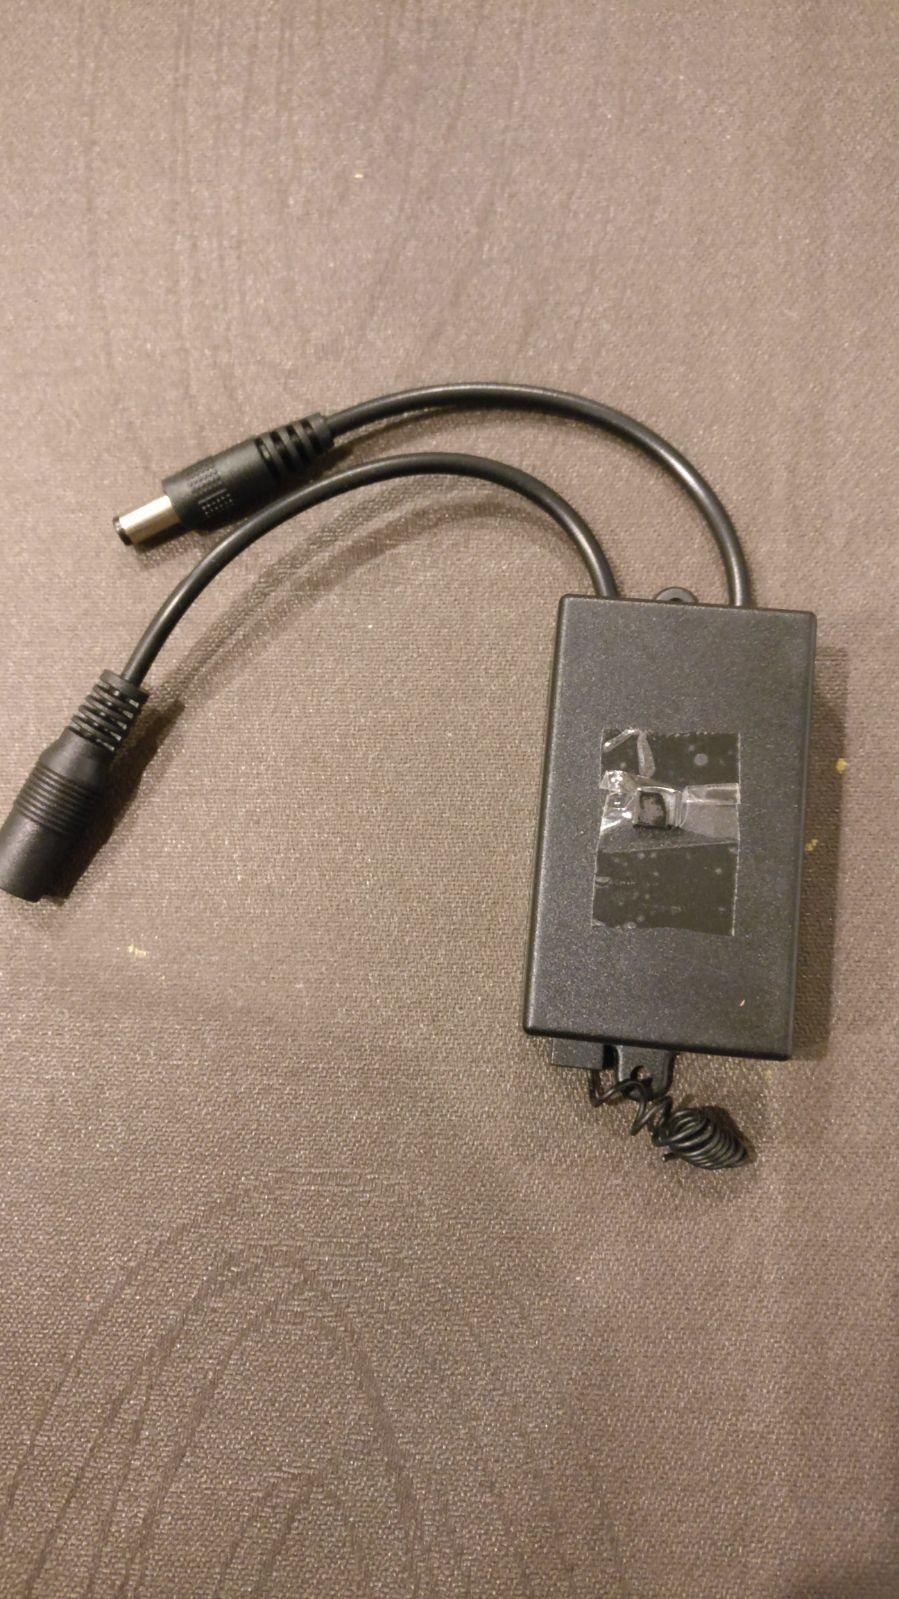 Relé 12V conectado